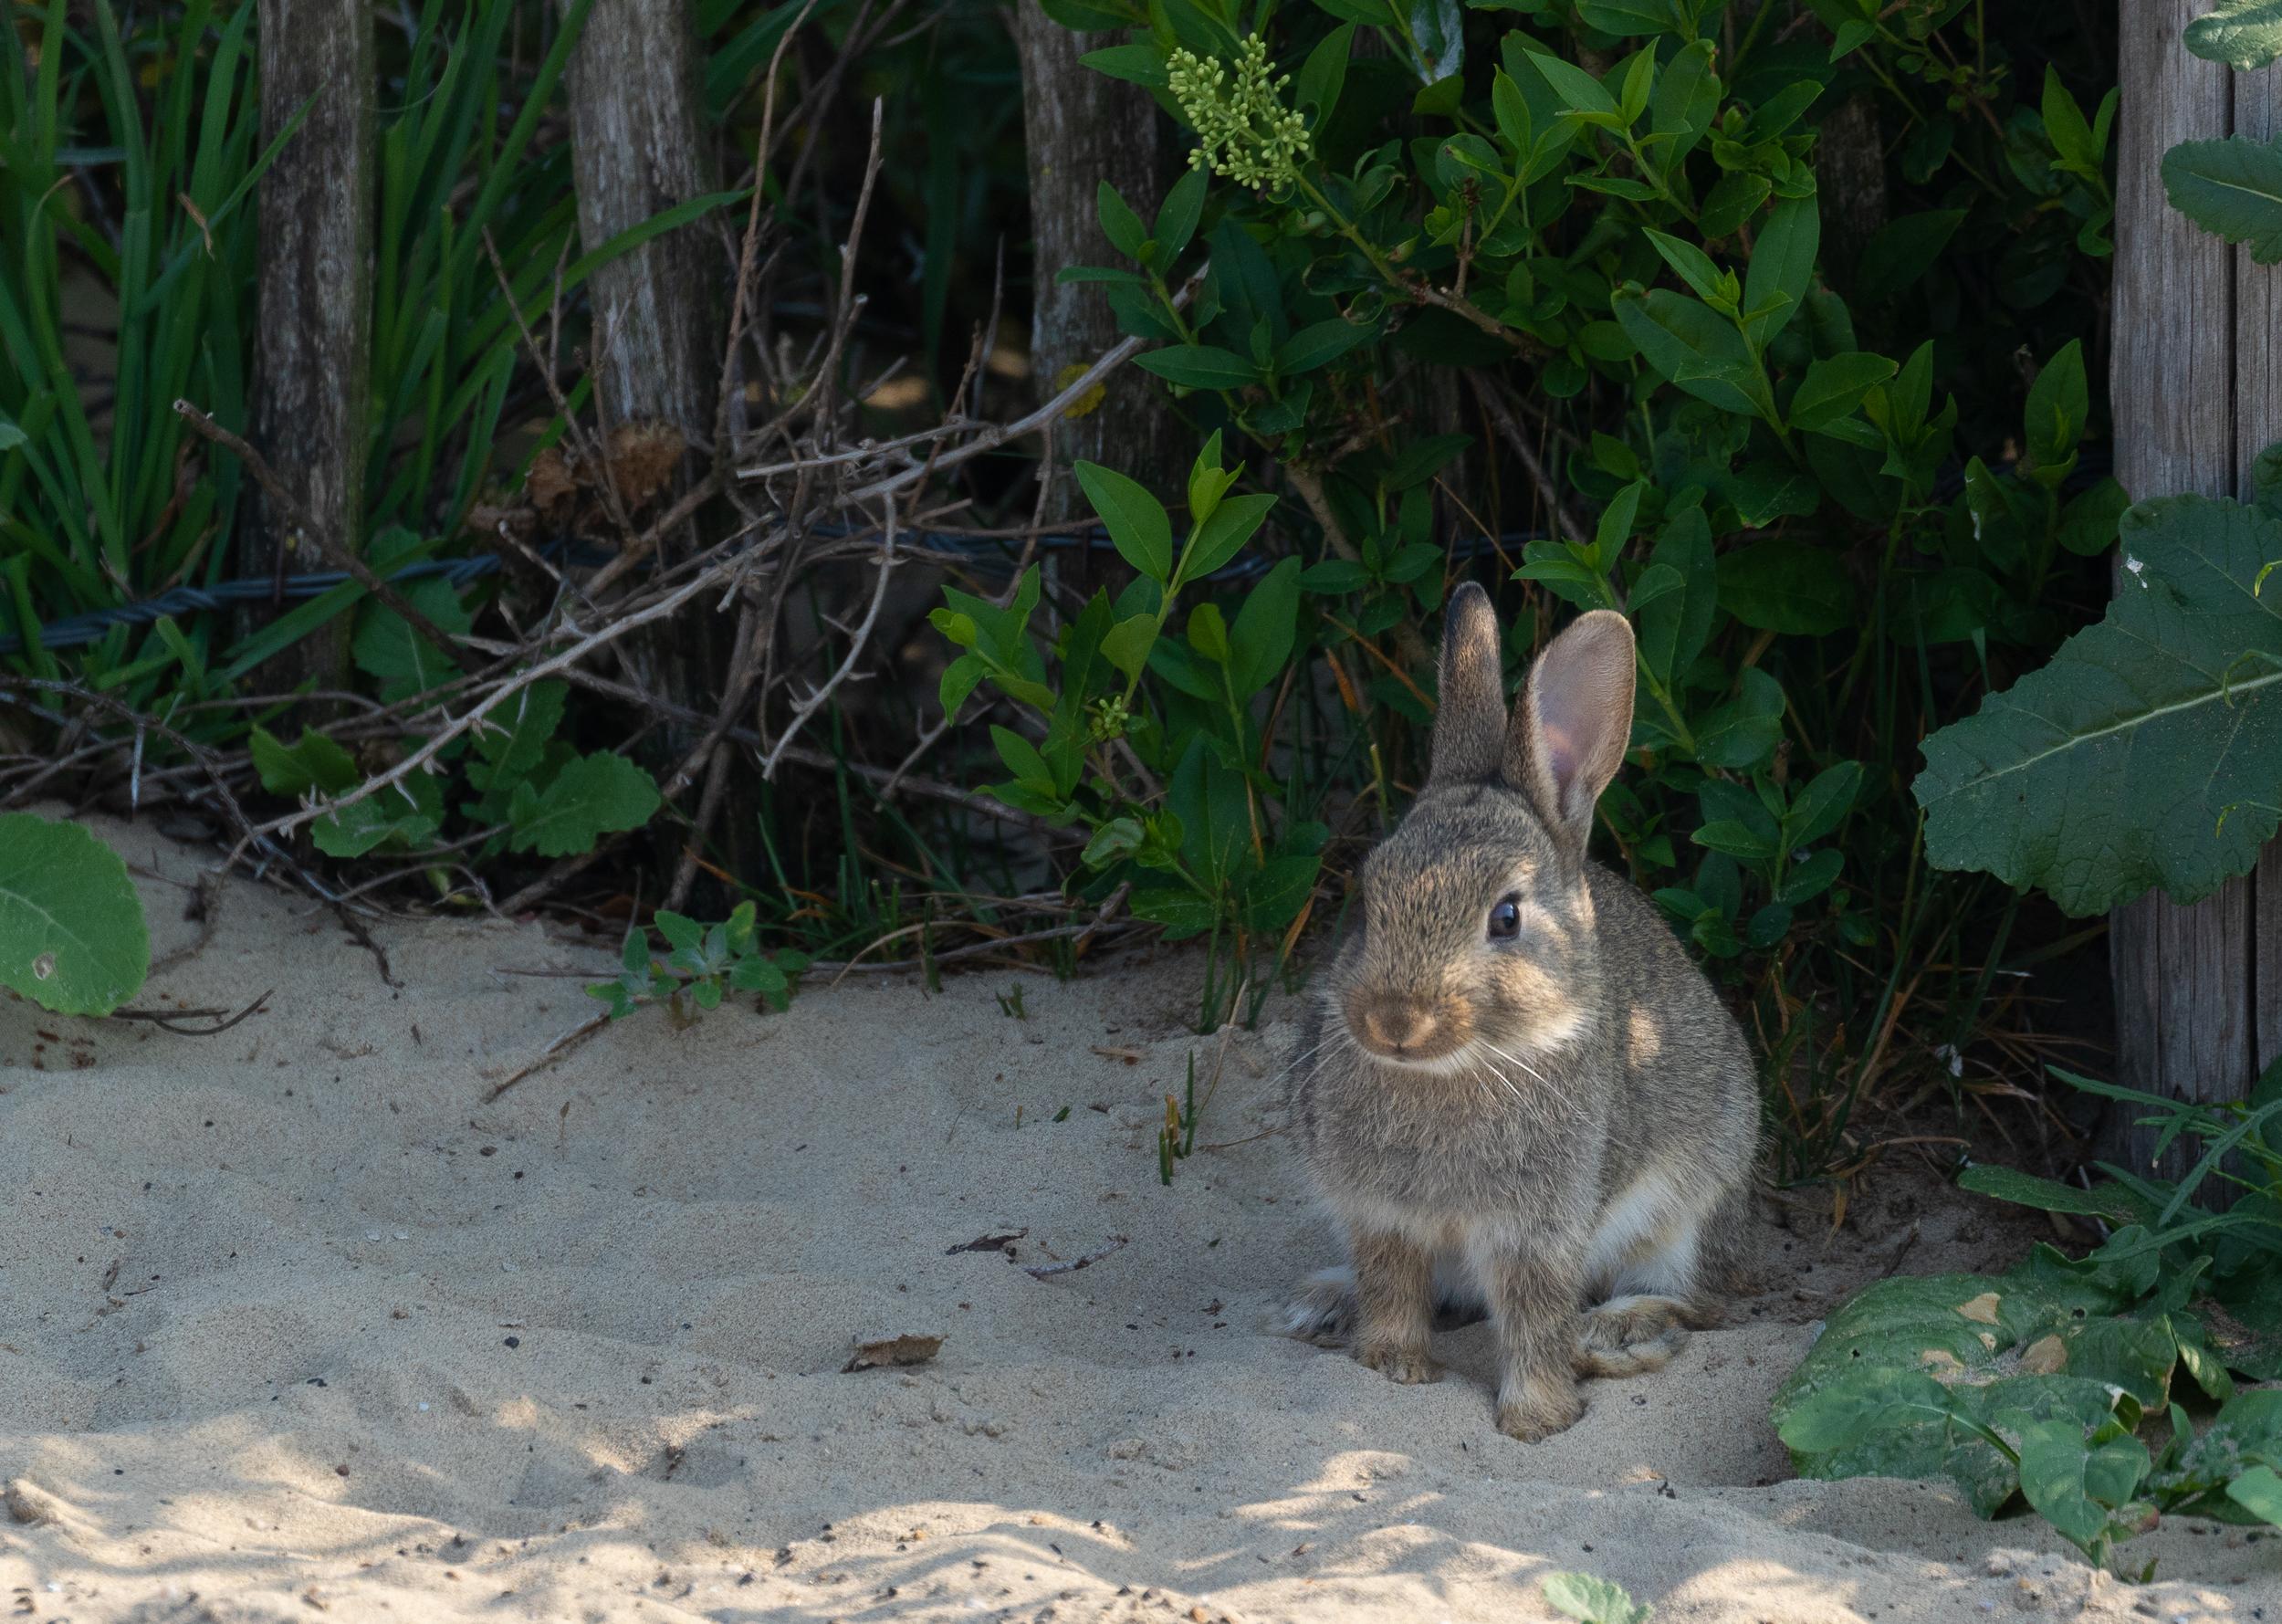 A young European Rabbit.